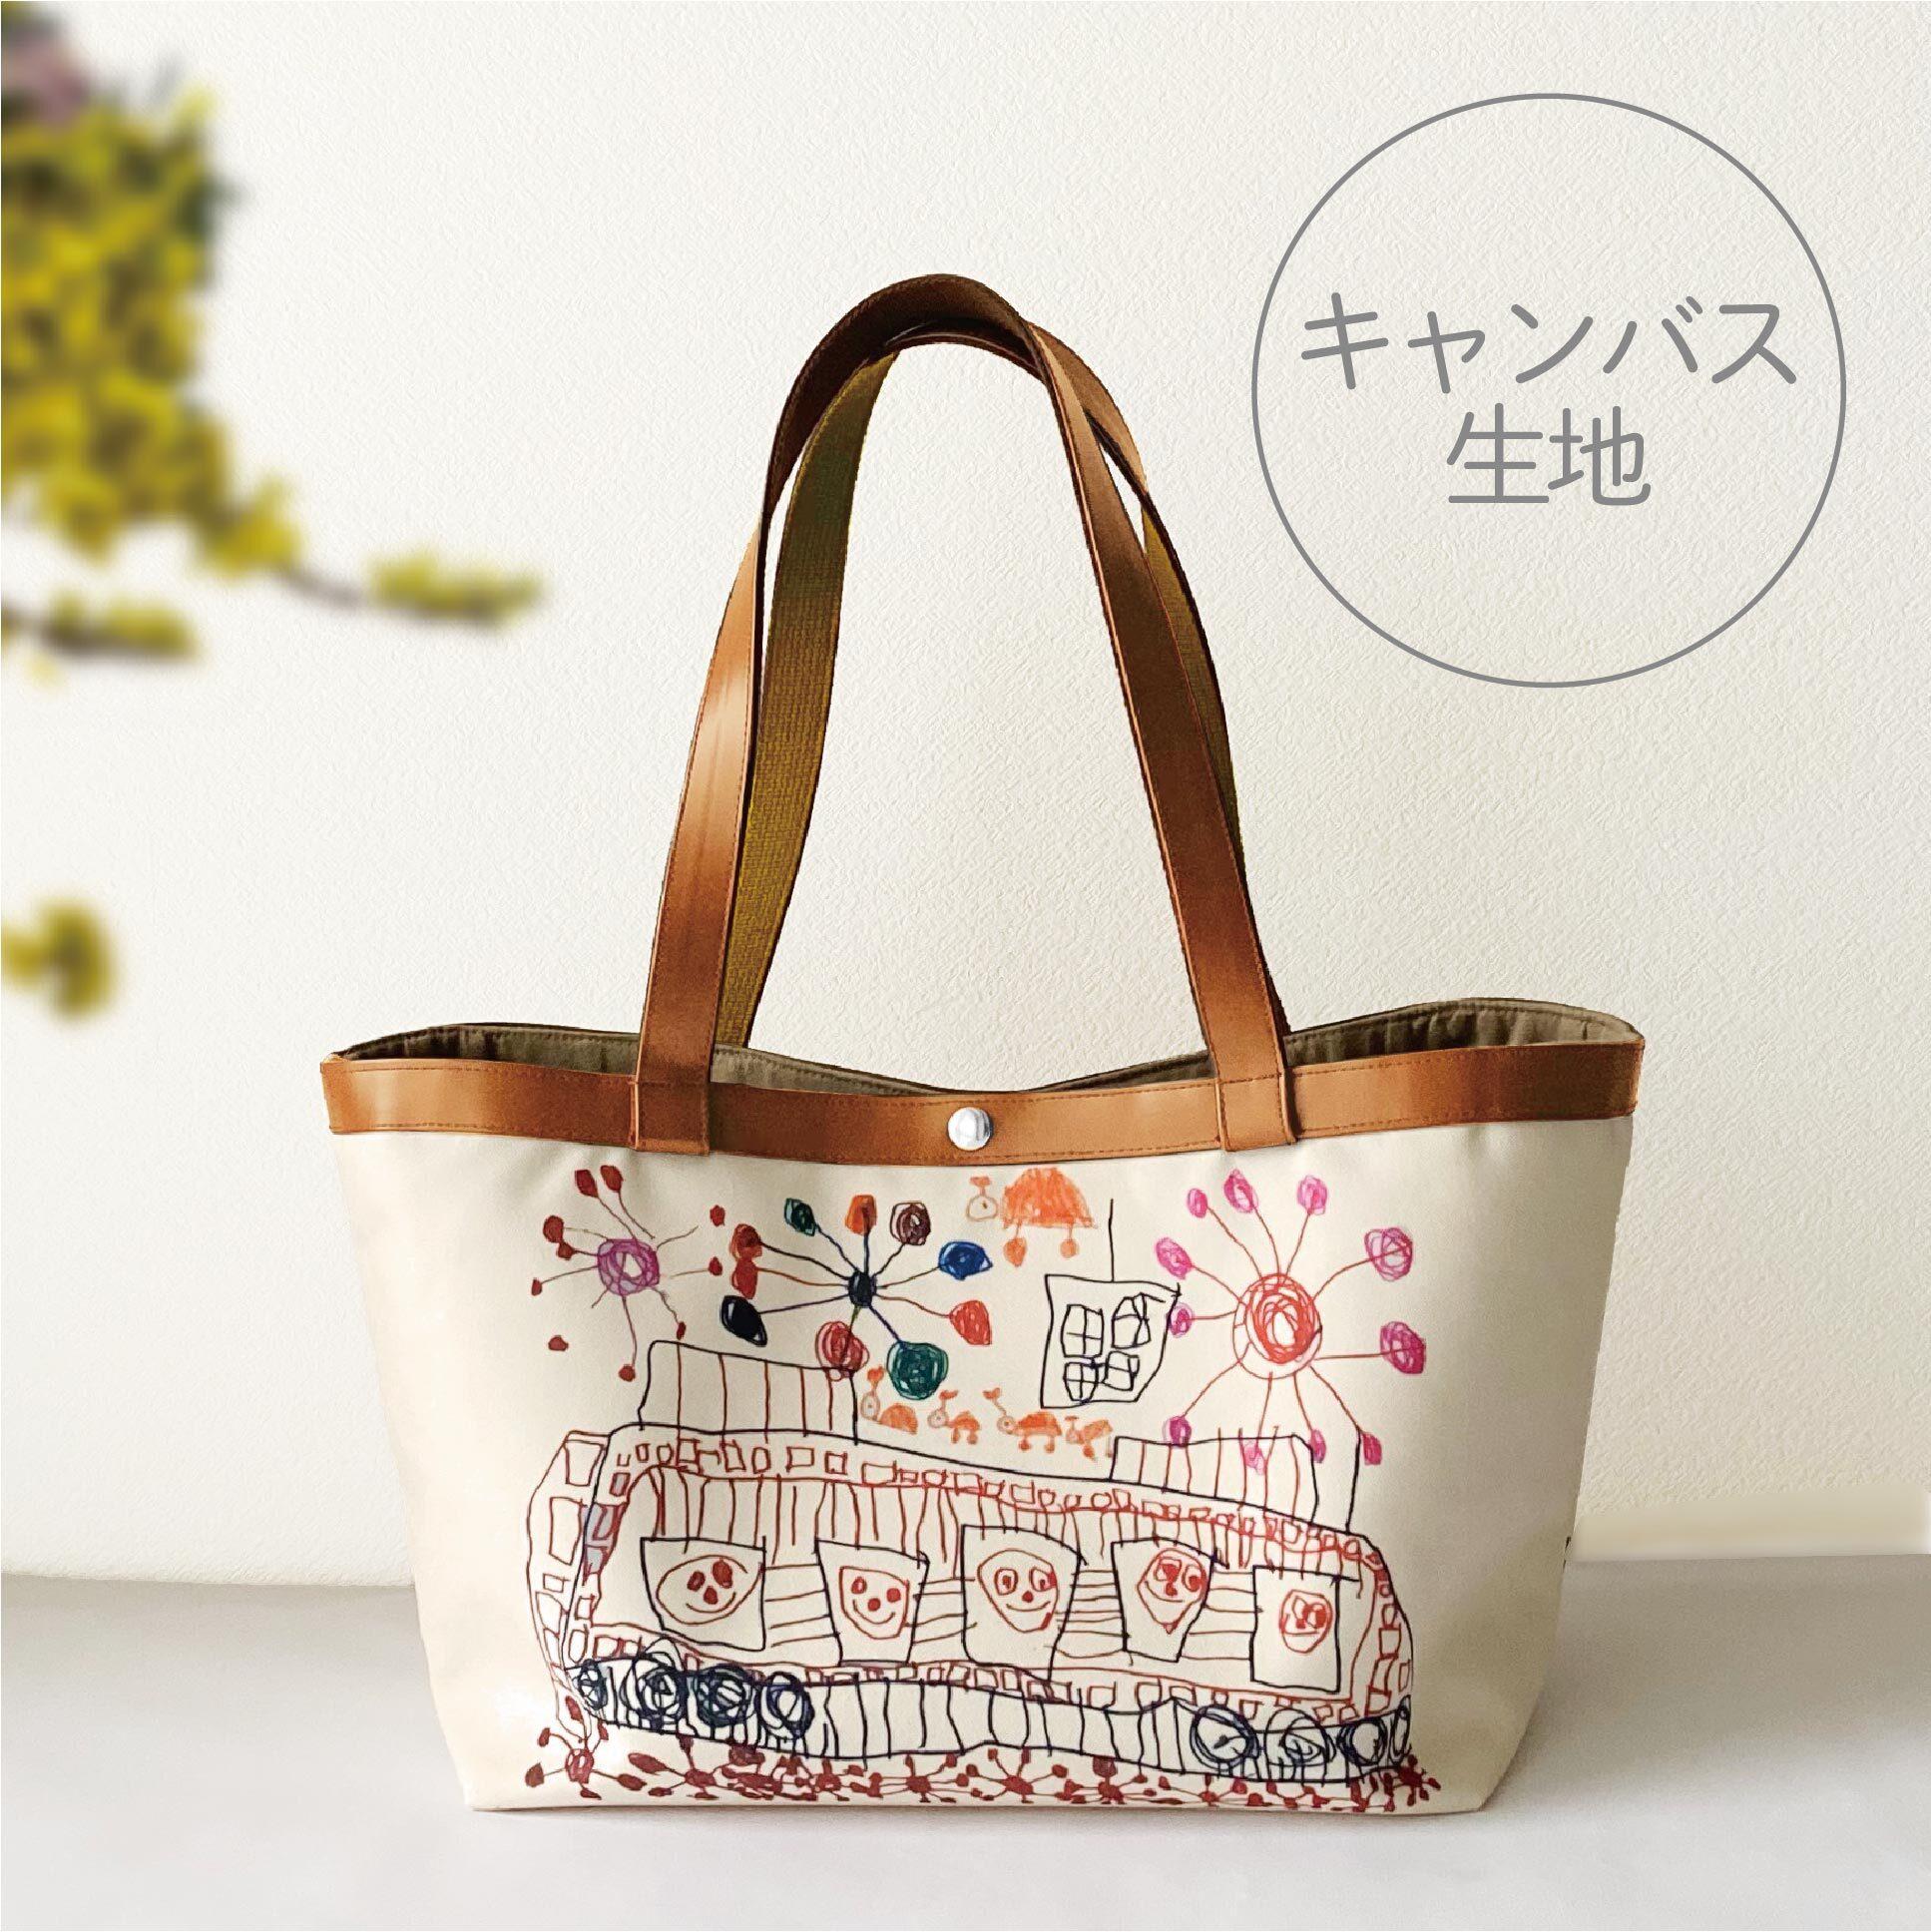 【11月下旬お届け予定】ミディアムトートバッグ◆キャンバス